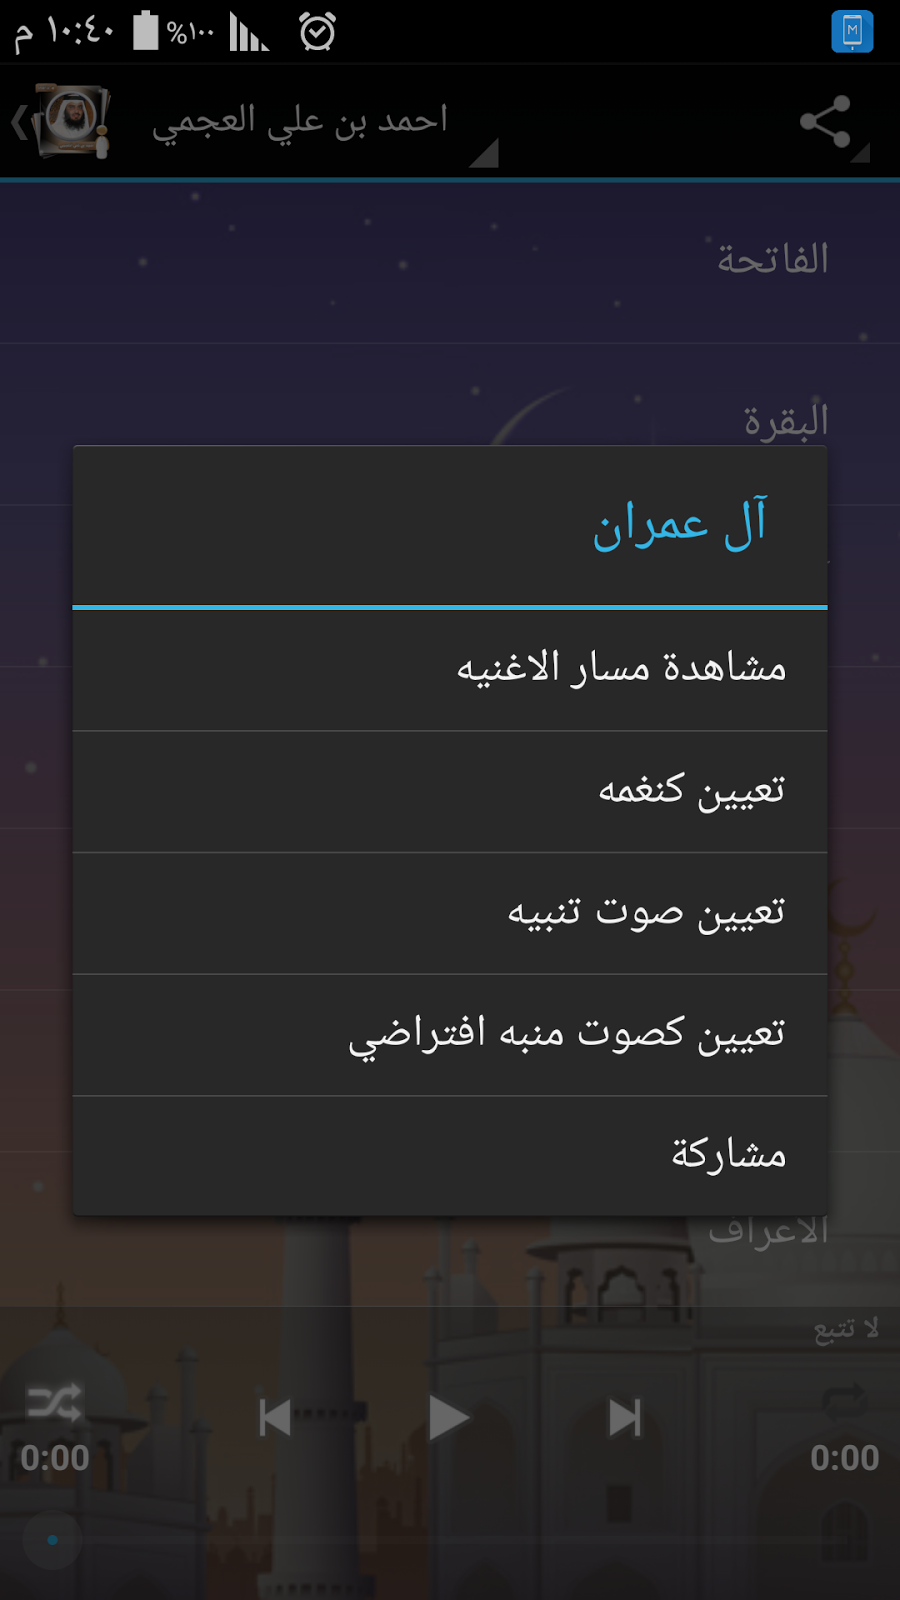 حمل تطبيق القرآن الكريم كامل بصوت الشيخ أحمد علي العجمي